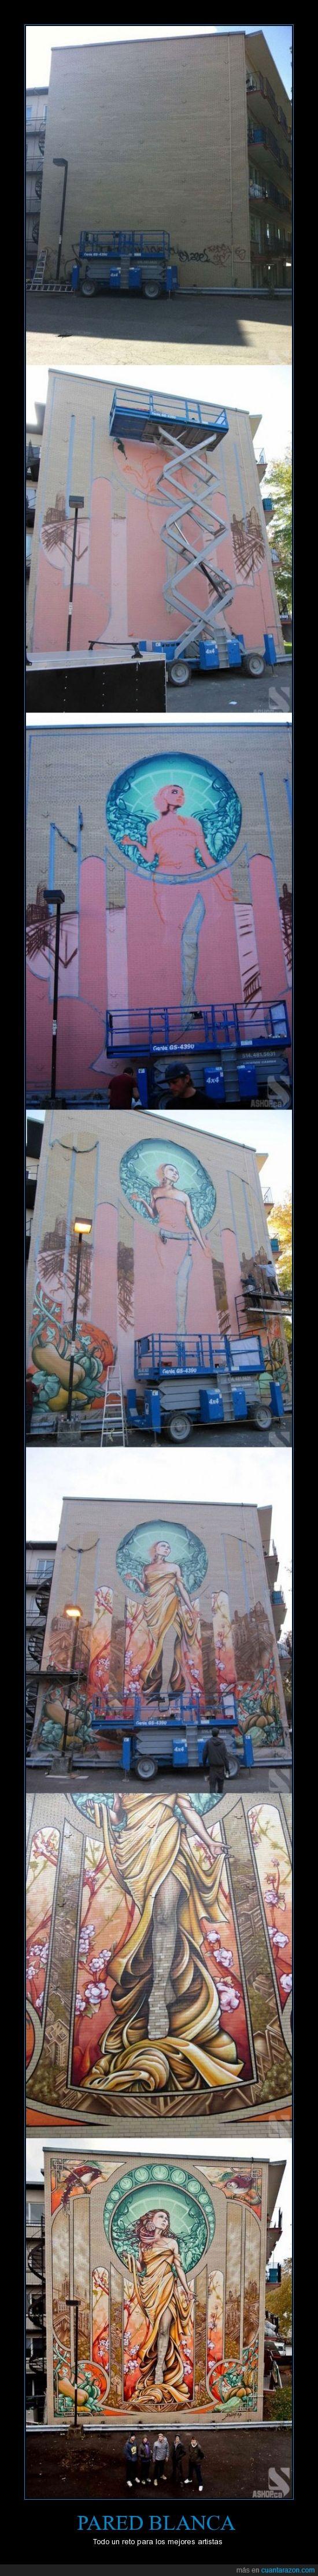 arte,creatividad,mural,pared,tiempo libre